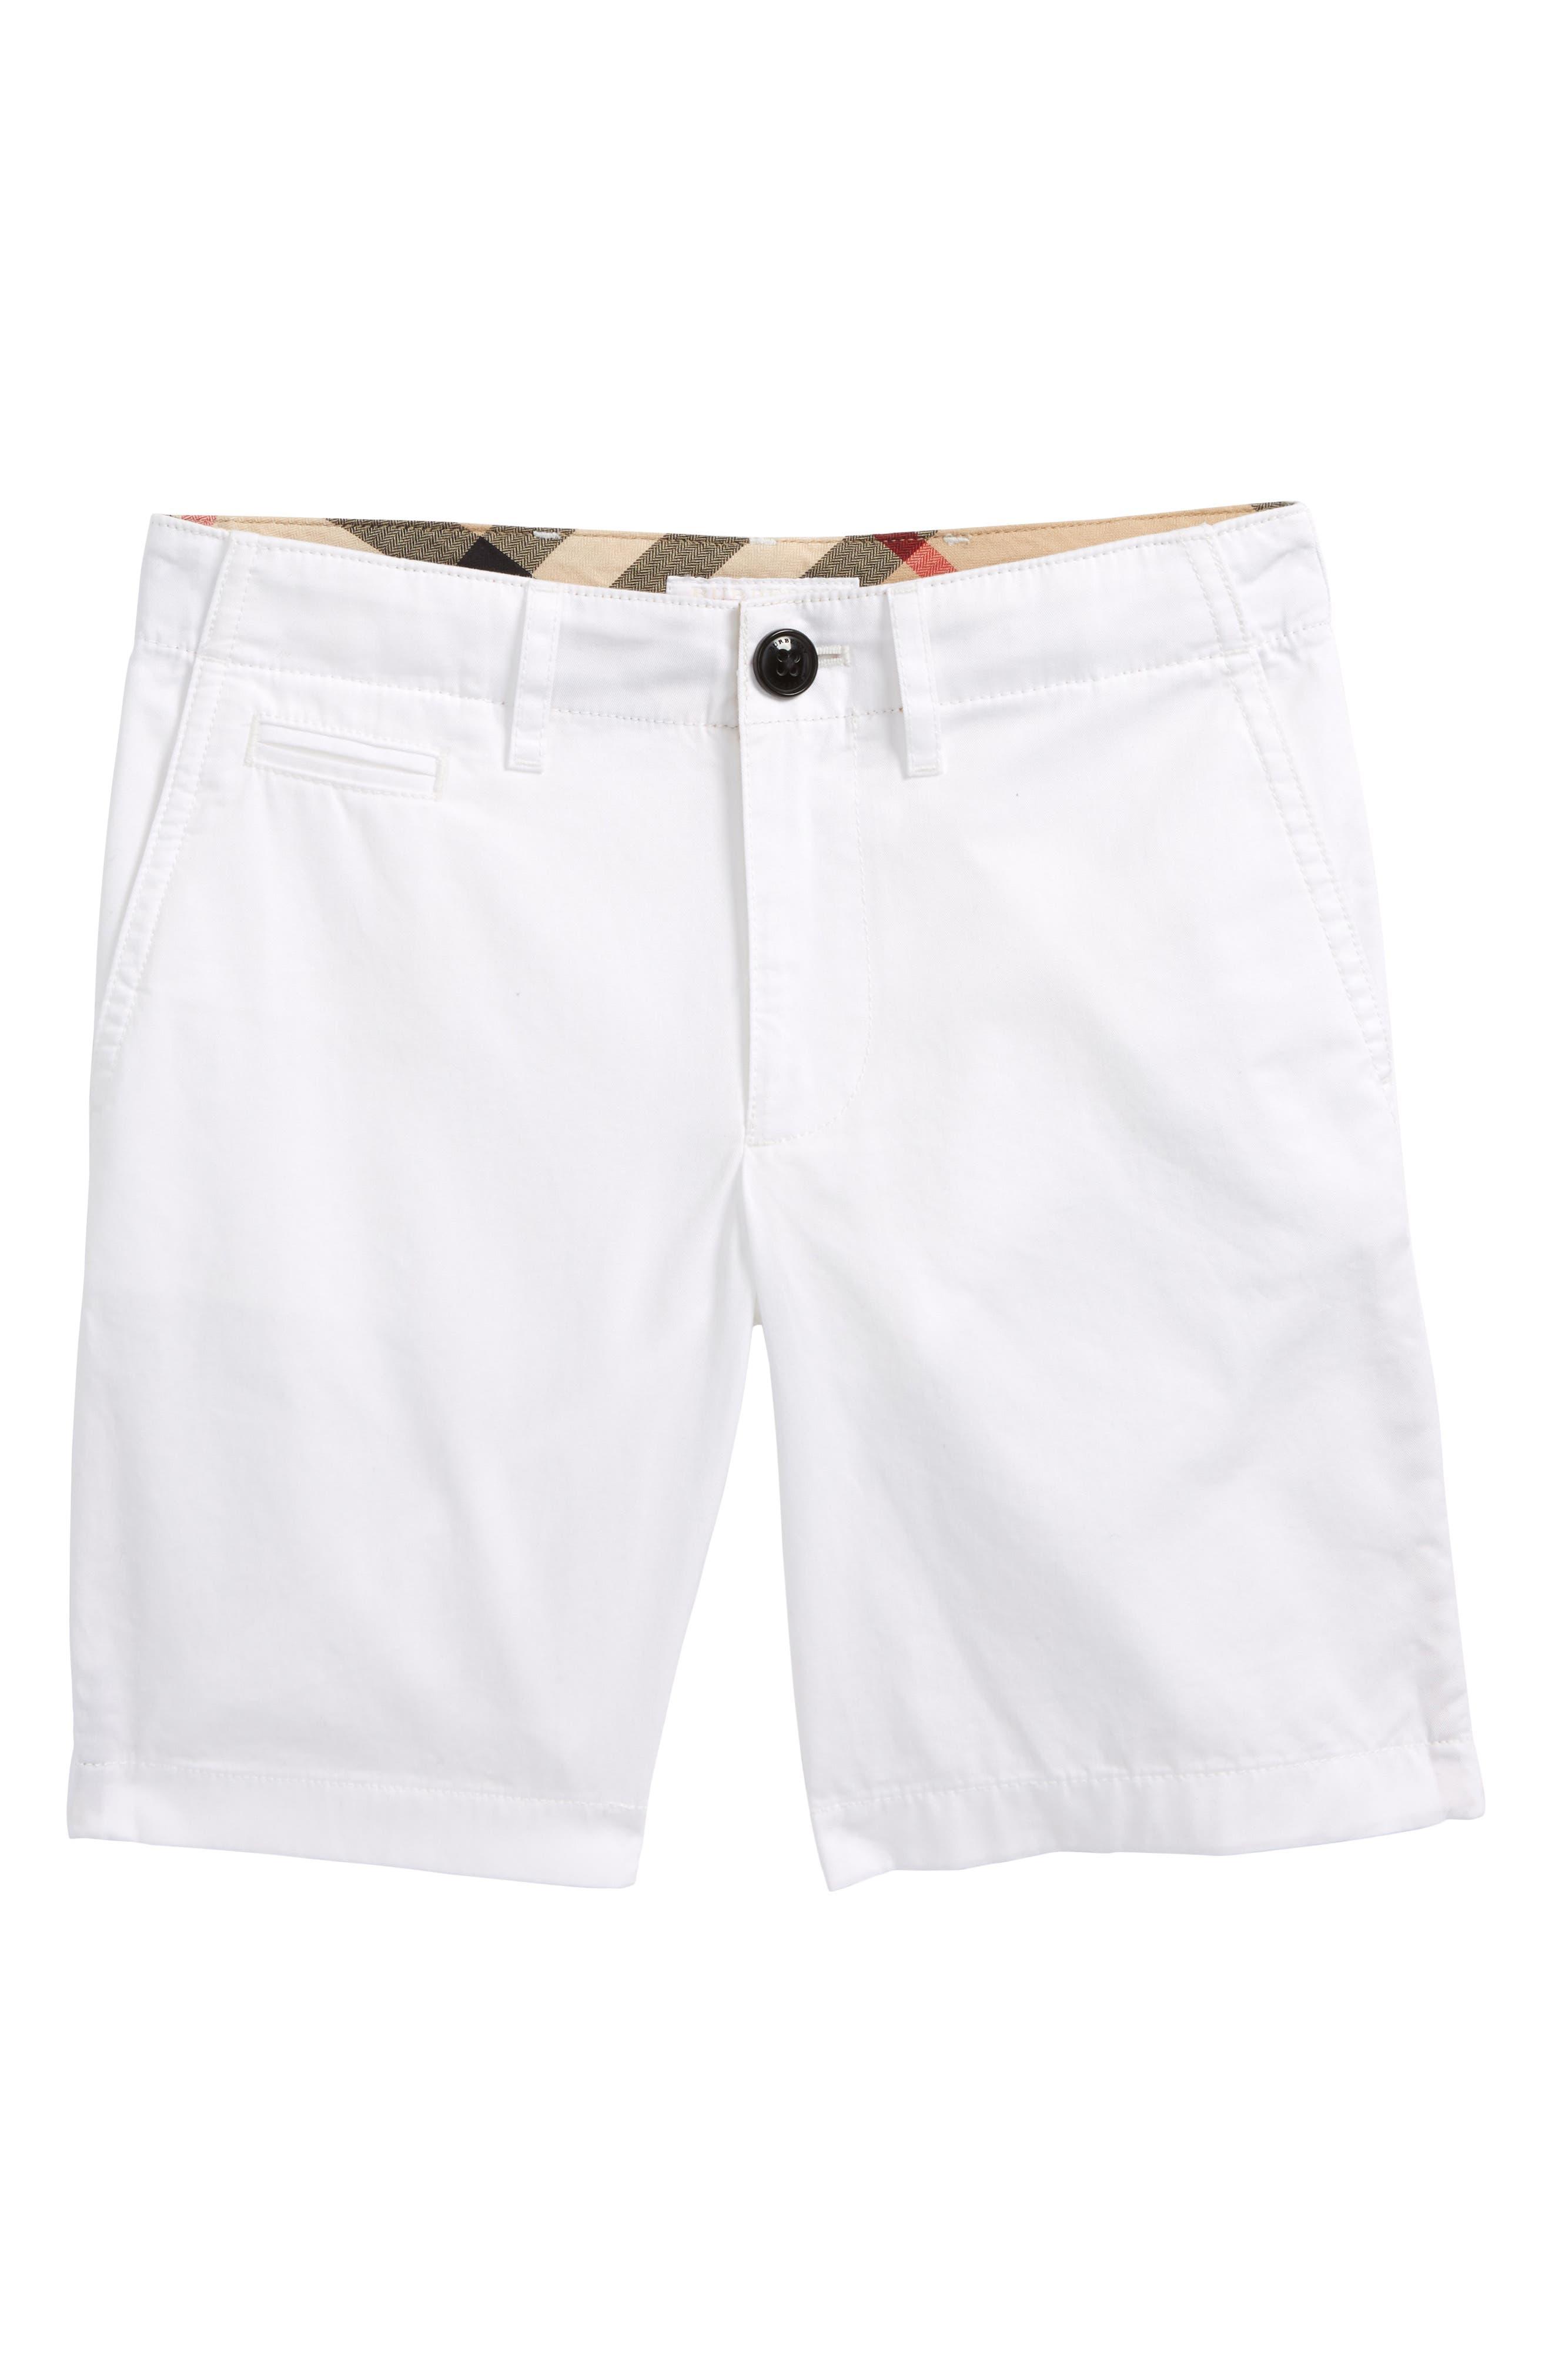 Tristen Cotton Twill Shorts,                         Main,                         color, White